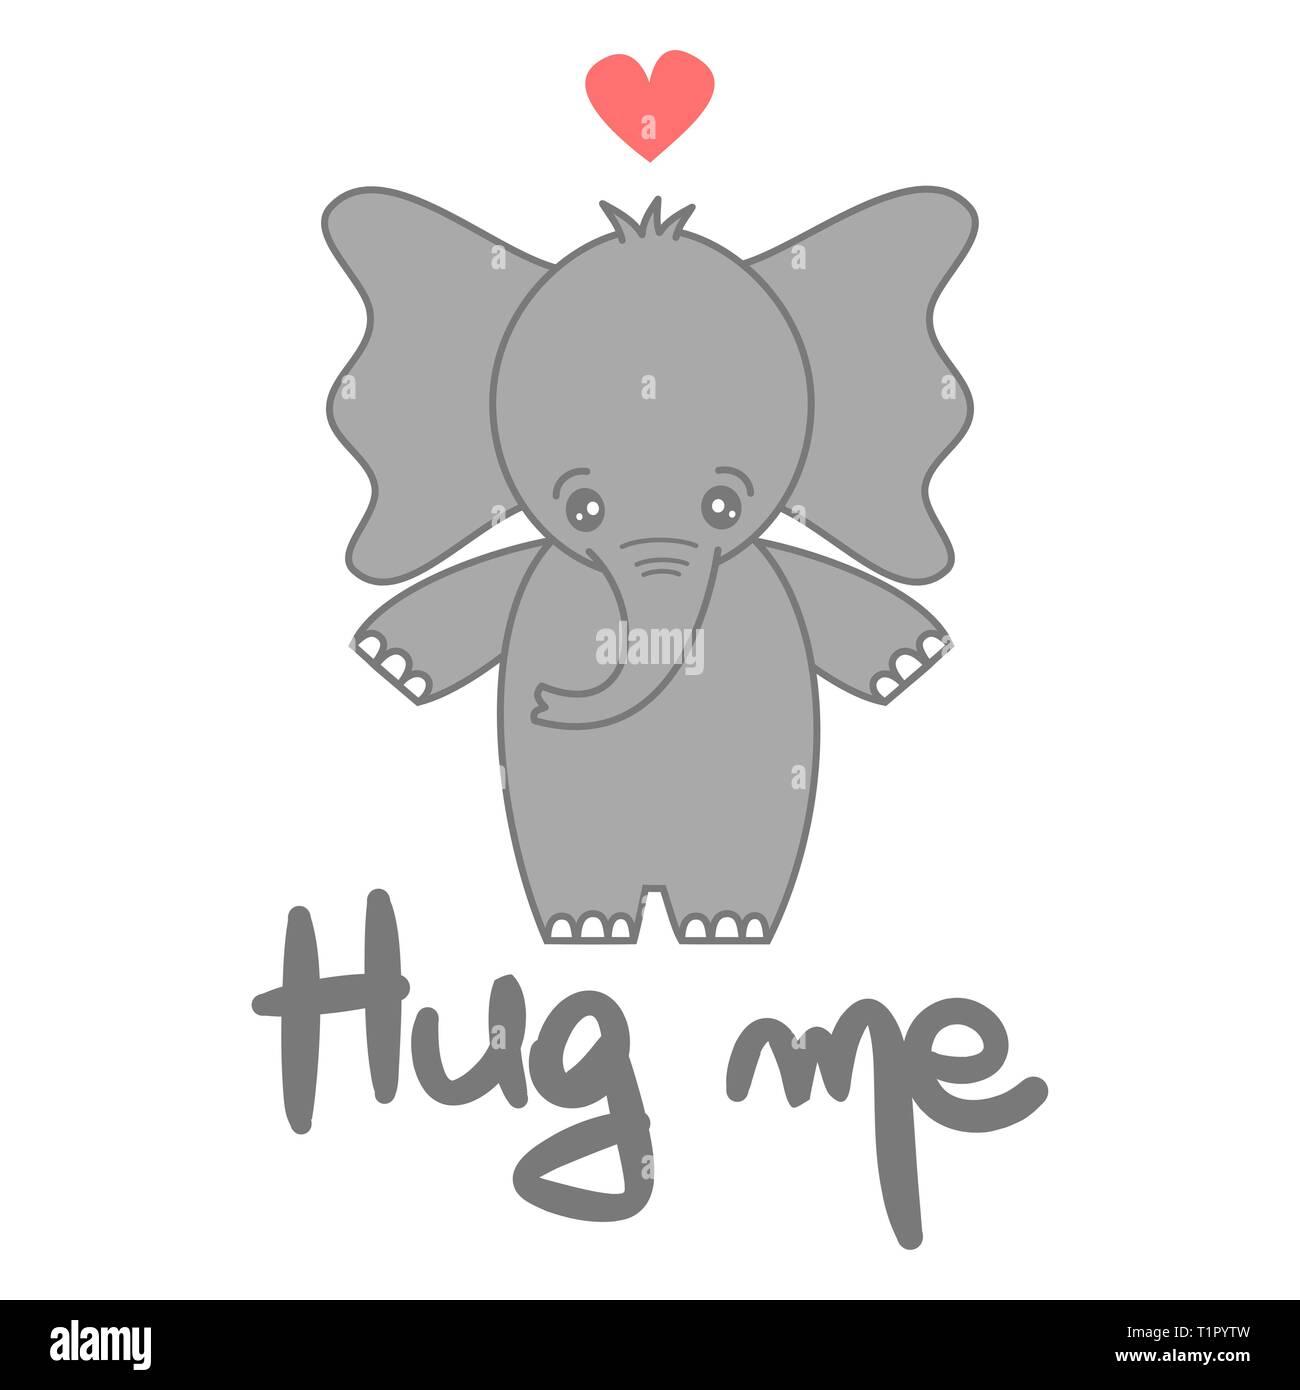 Welp Elephant Drawn Stockfotos & Elephant Drawn Bilder - Seite 3 - Alamy DB-99